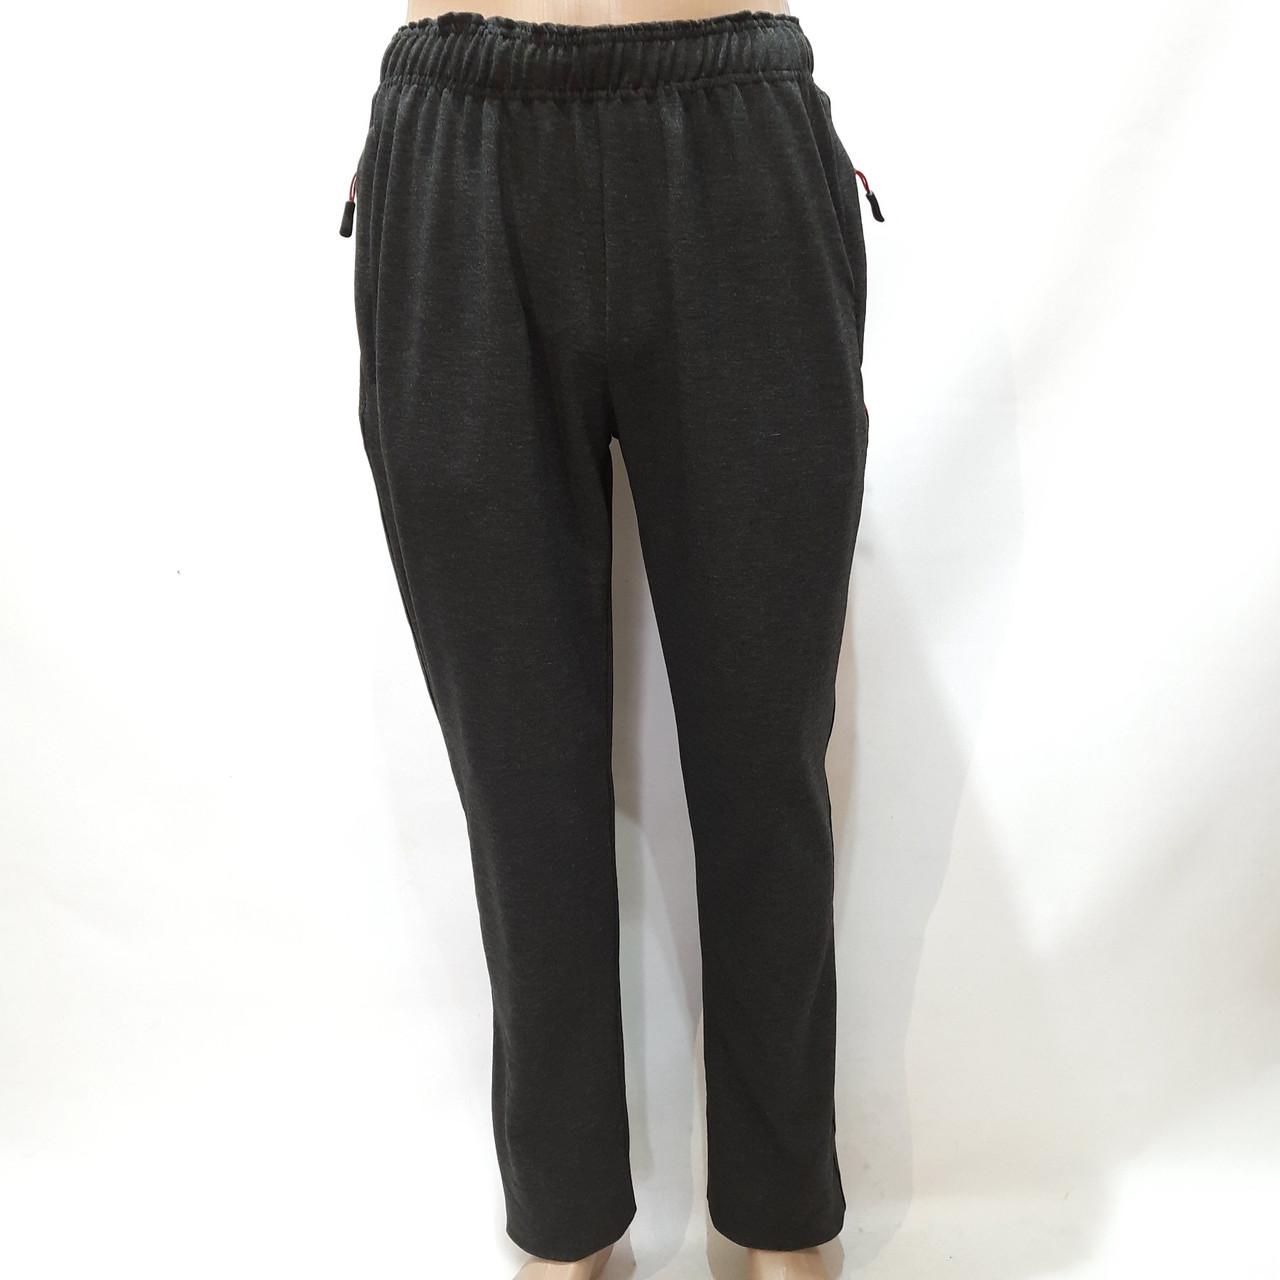 Спортивные штаны мужские прямые (Больших размеров) серые р. 58, 60, 62, 64 отличного качества